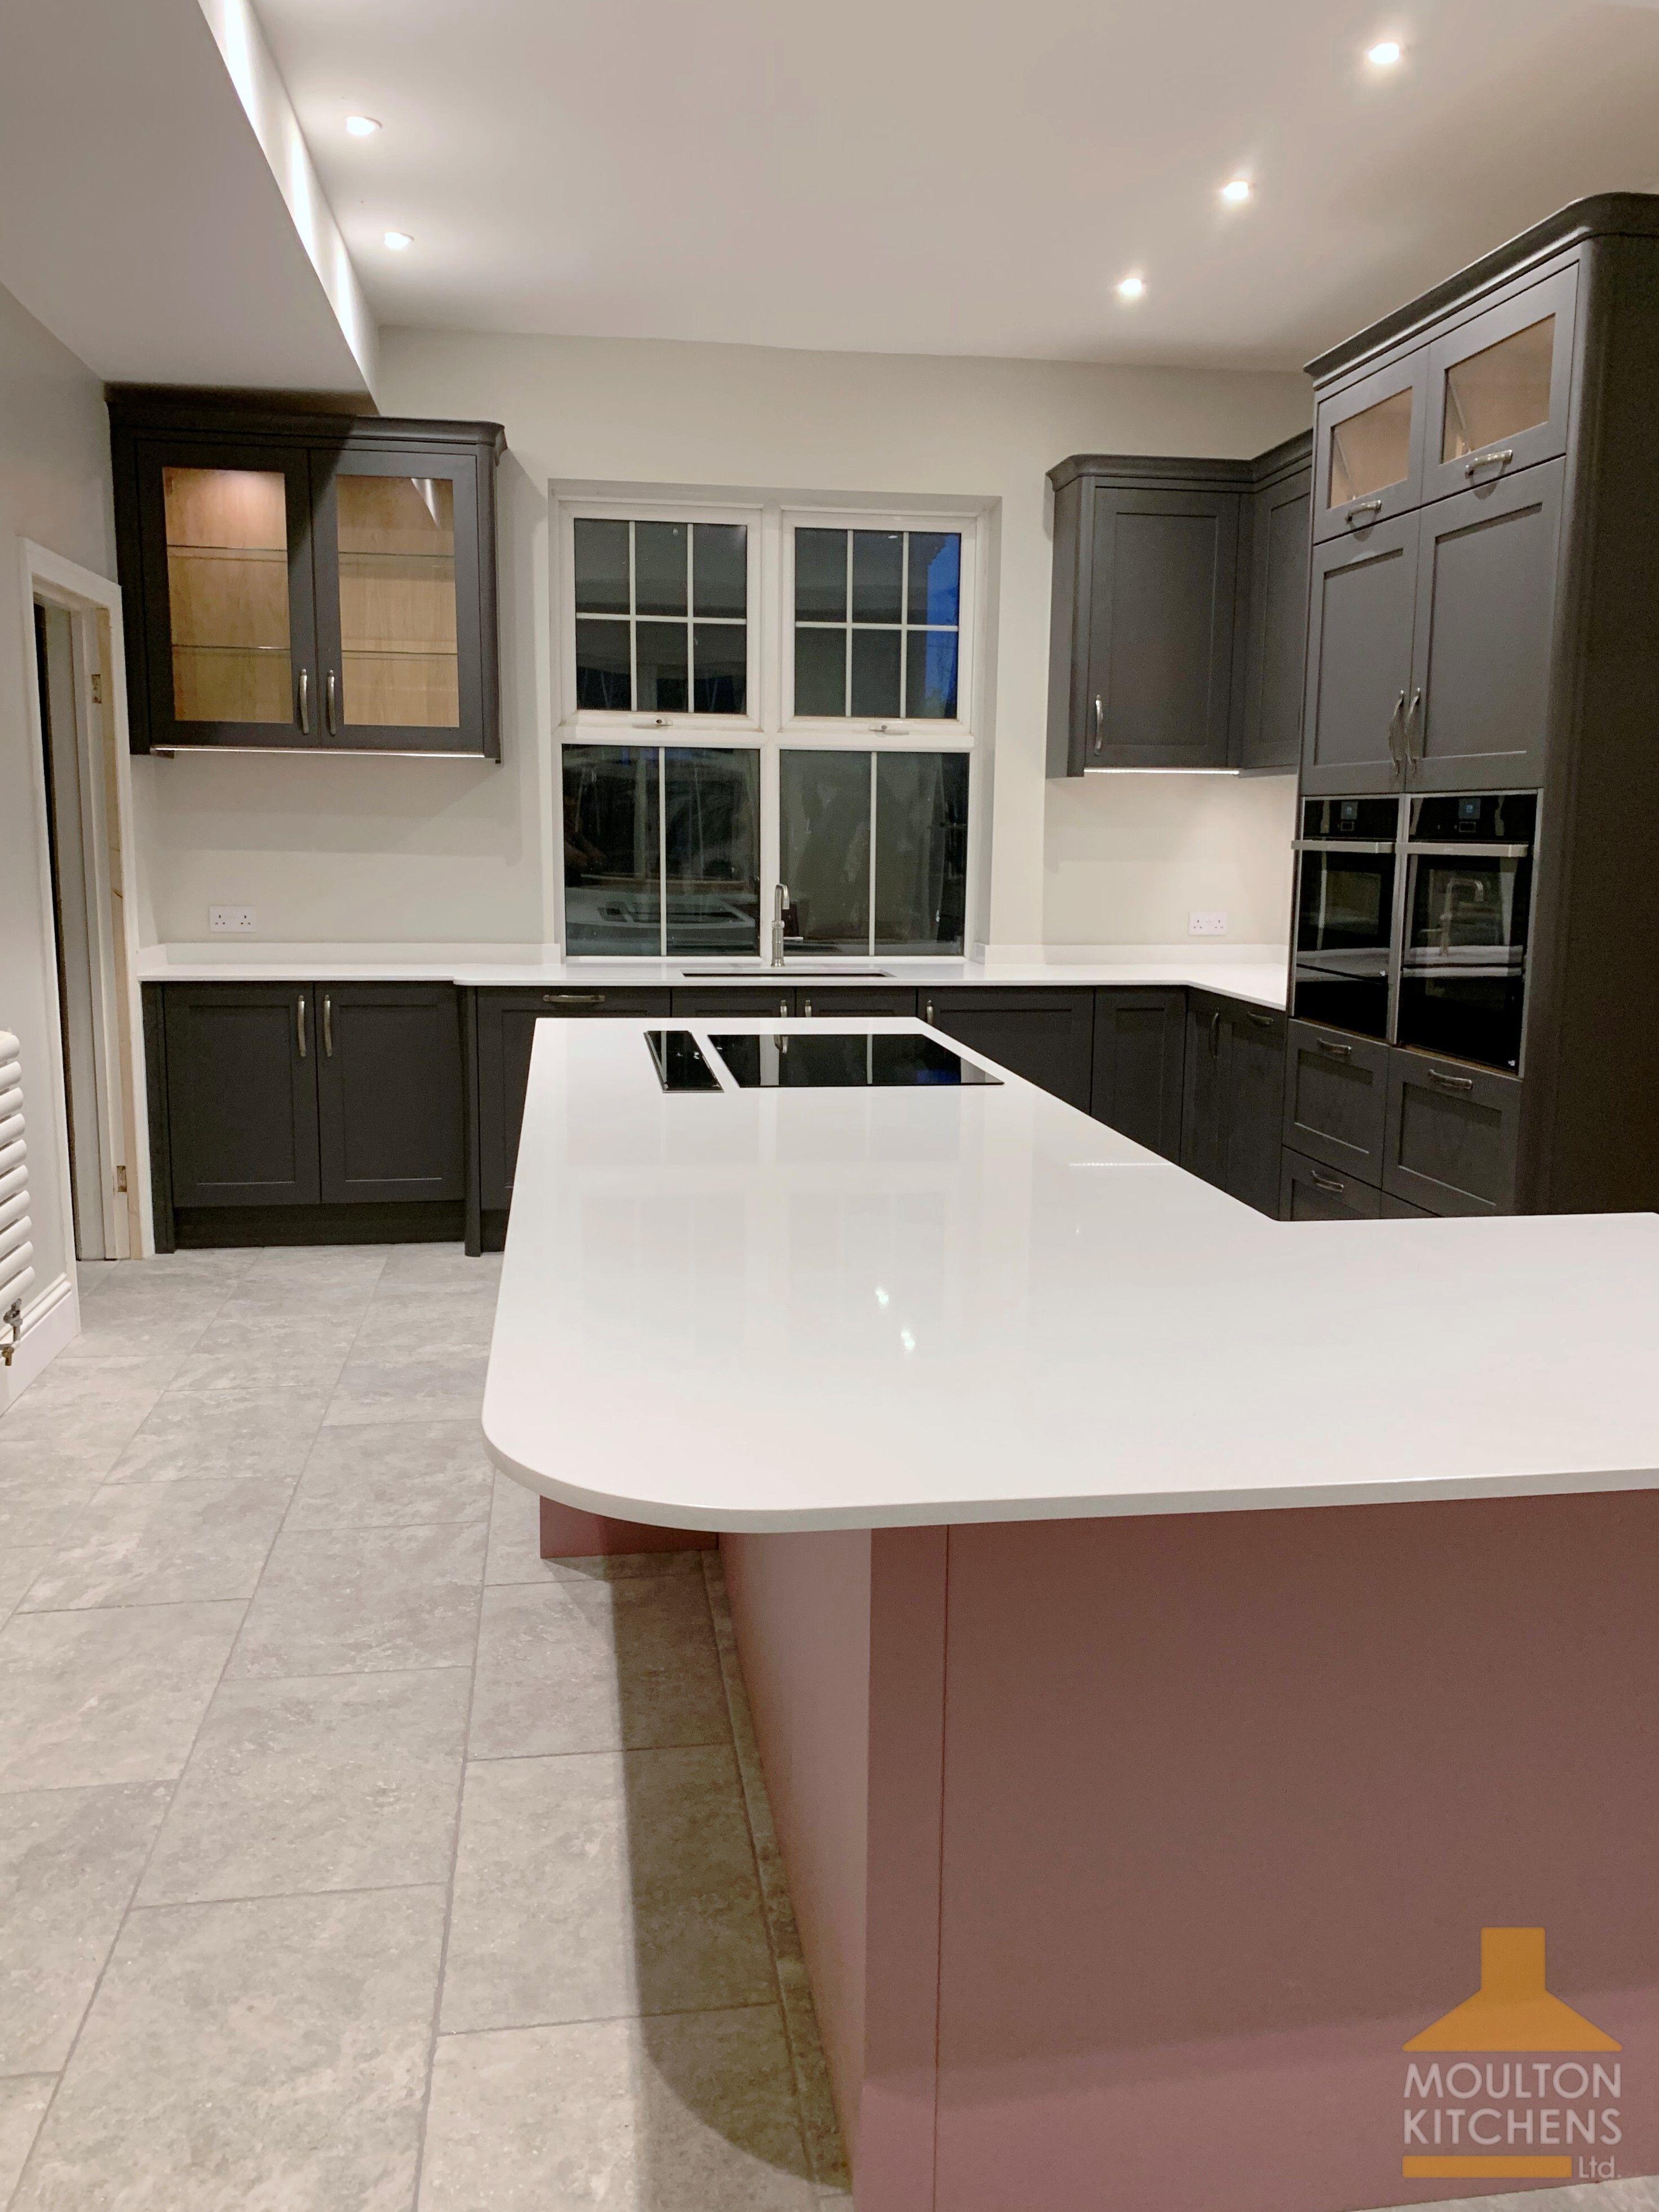 Pin On Kitchen Installations